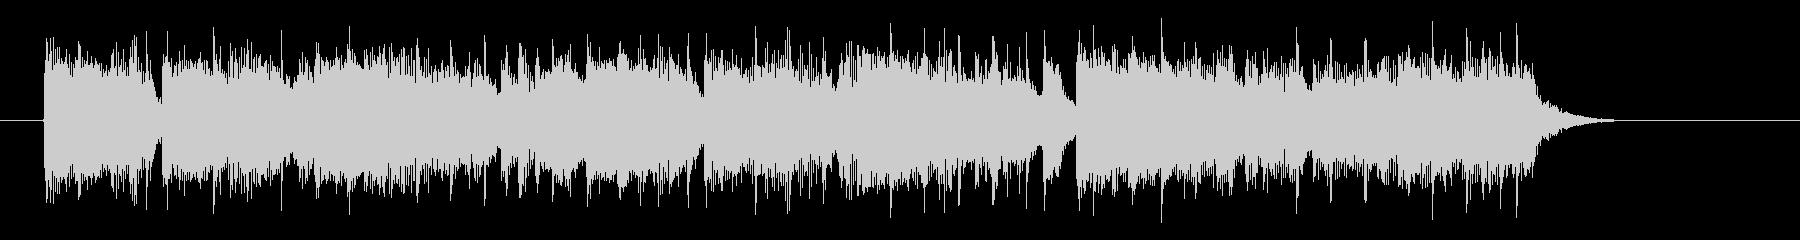 爽やかで明るいシンセサイザーサウンドの未再生の波形